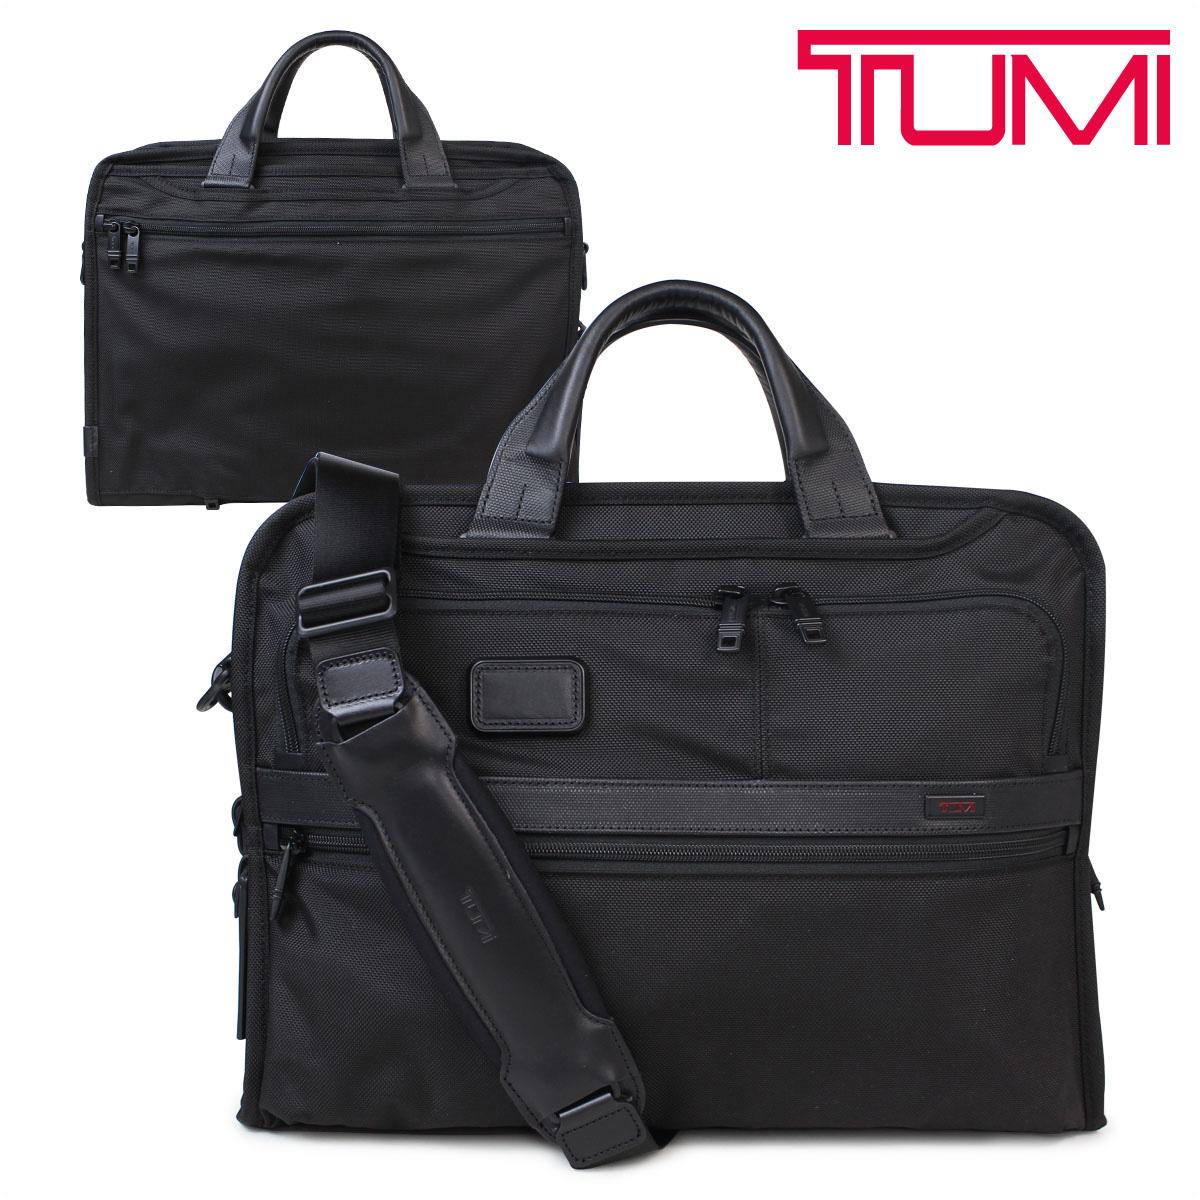 TUMI トゥミ ビジネス バッグ メンズ ALPHA2 ブリーフケース ORGANIZER PORTFOLIO BRIEF 026108D2